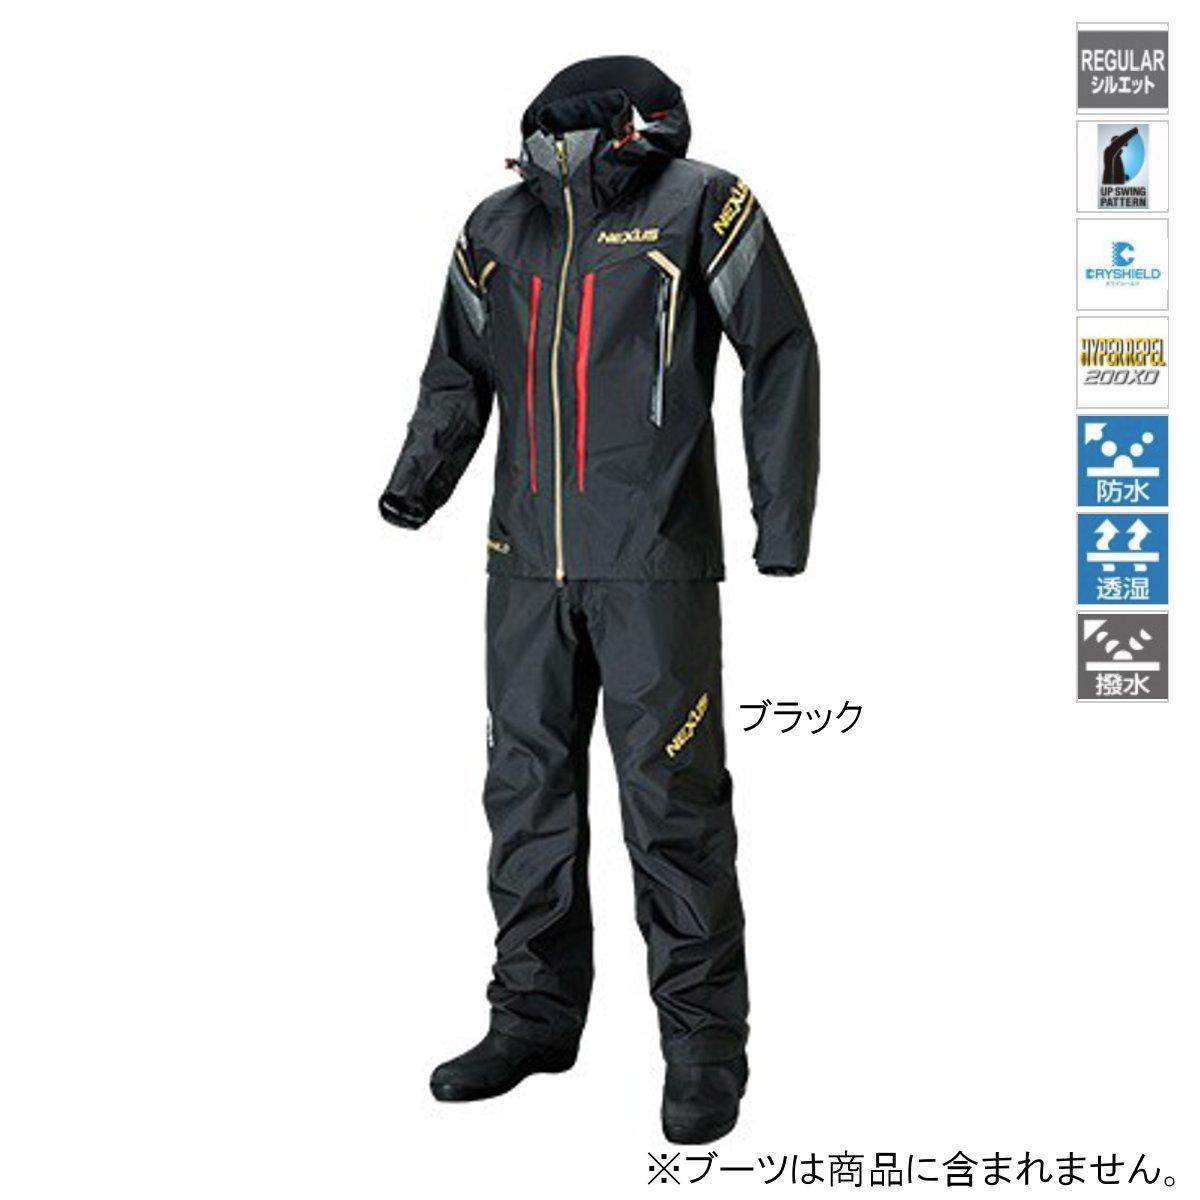 シマノ NEXUS・DS タフレインスーツ RA-124S 2XL ブラック(東日本店)